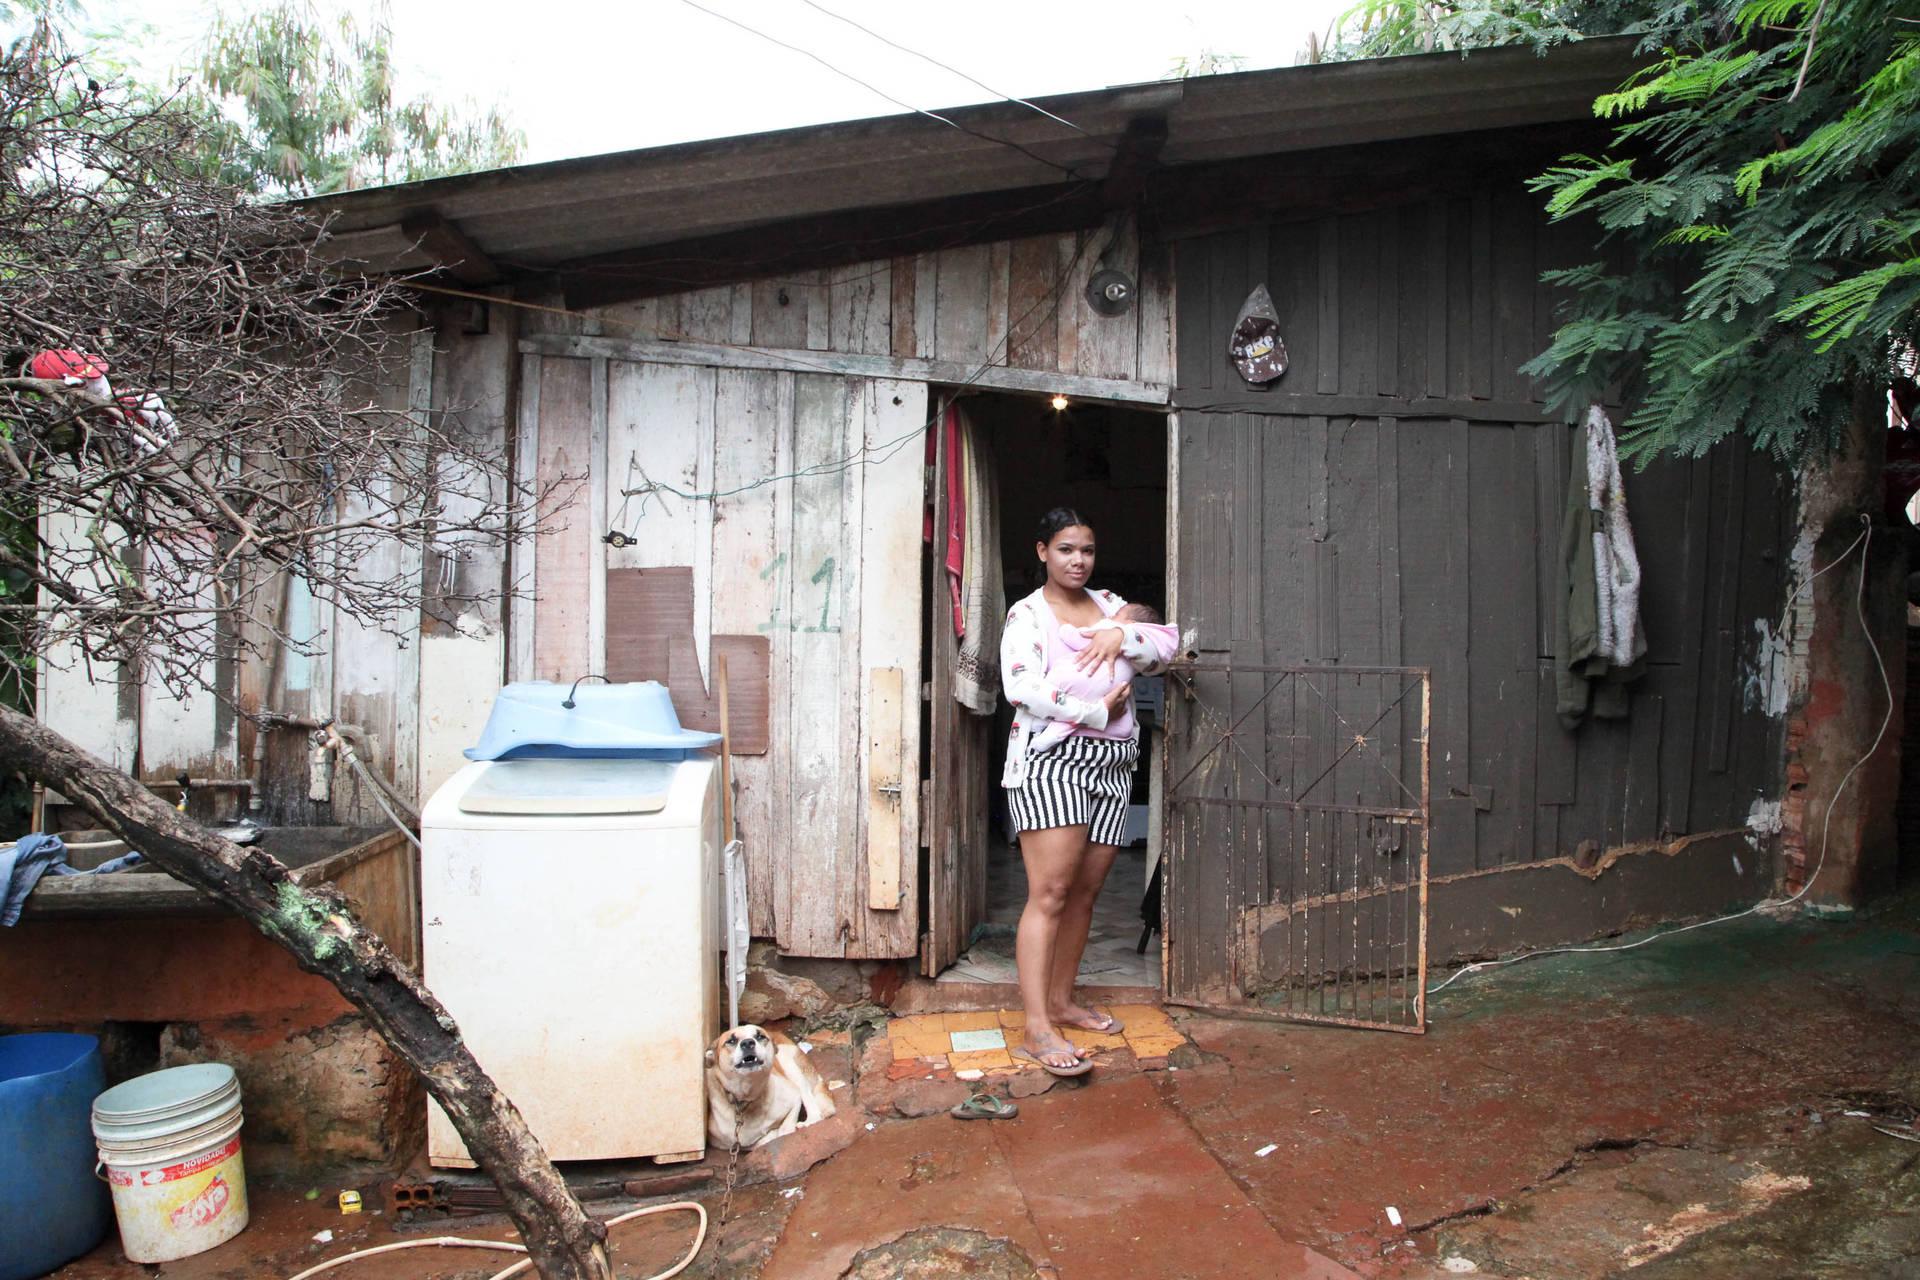 É o caso de Joice Valério Gomes, de Jandaia do Sul, que hoje vive em casa precária e insalubre. Ela faz parte das 75 famílias de Jandaia do Sul, que serão primeiras beneficiadas pelo programa do Governo do Estado que garantirá moradia digna e ações de inclusão social.